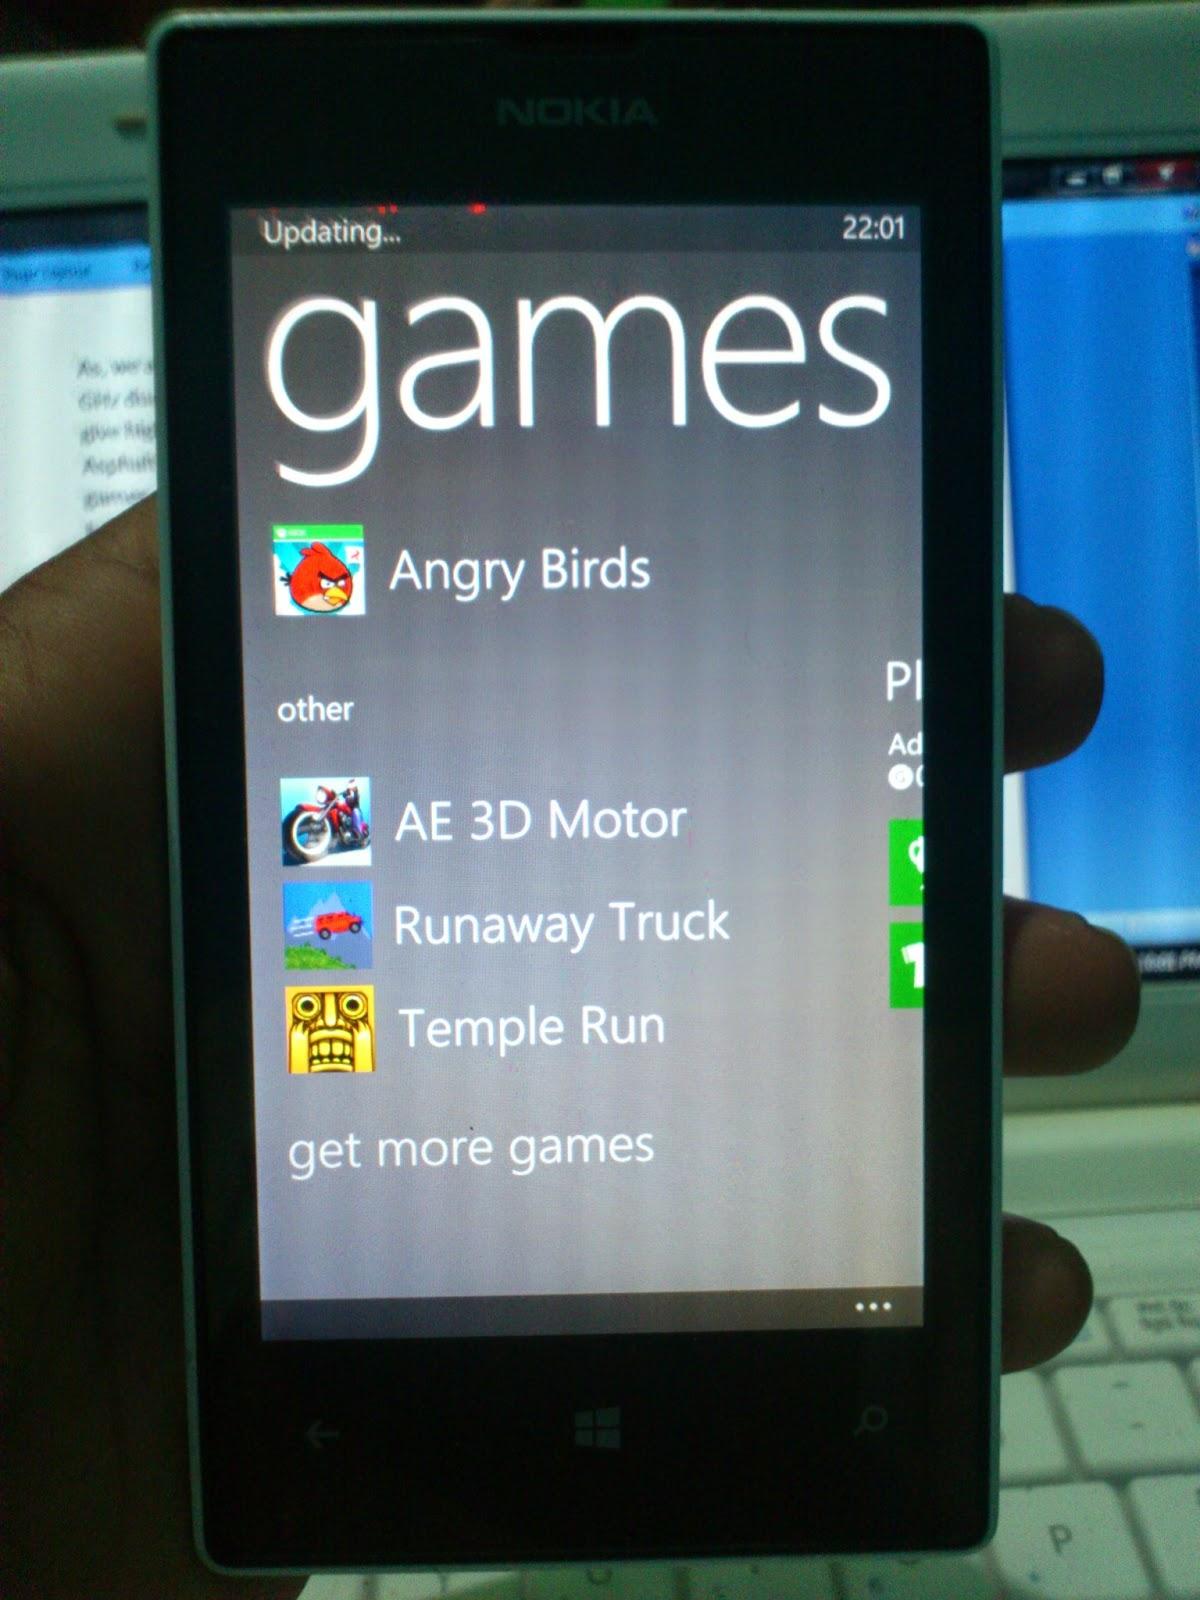 Nokia Lumia 520 Games Experience